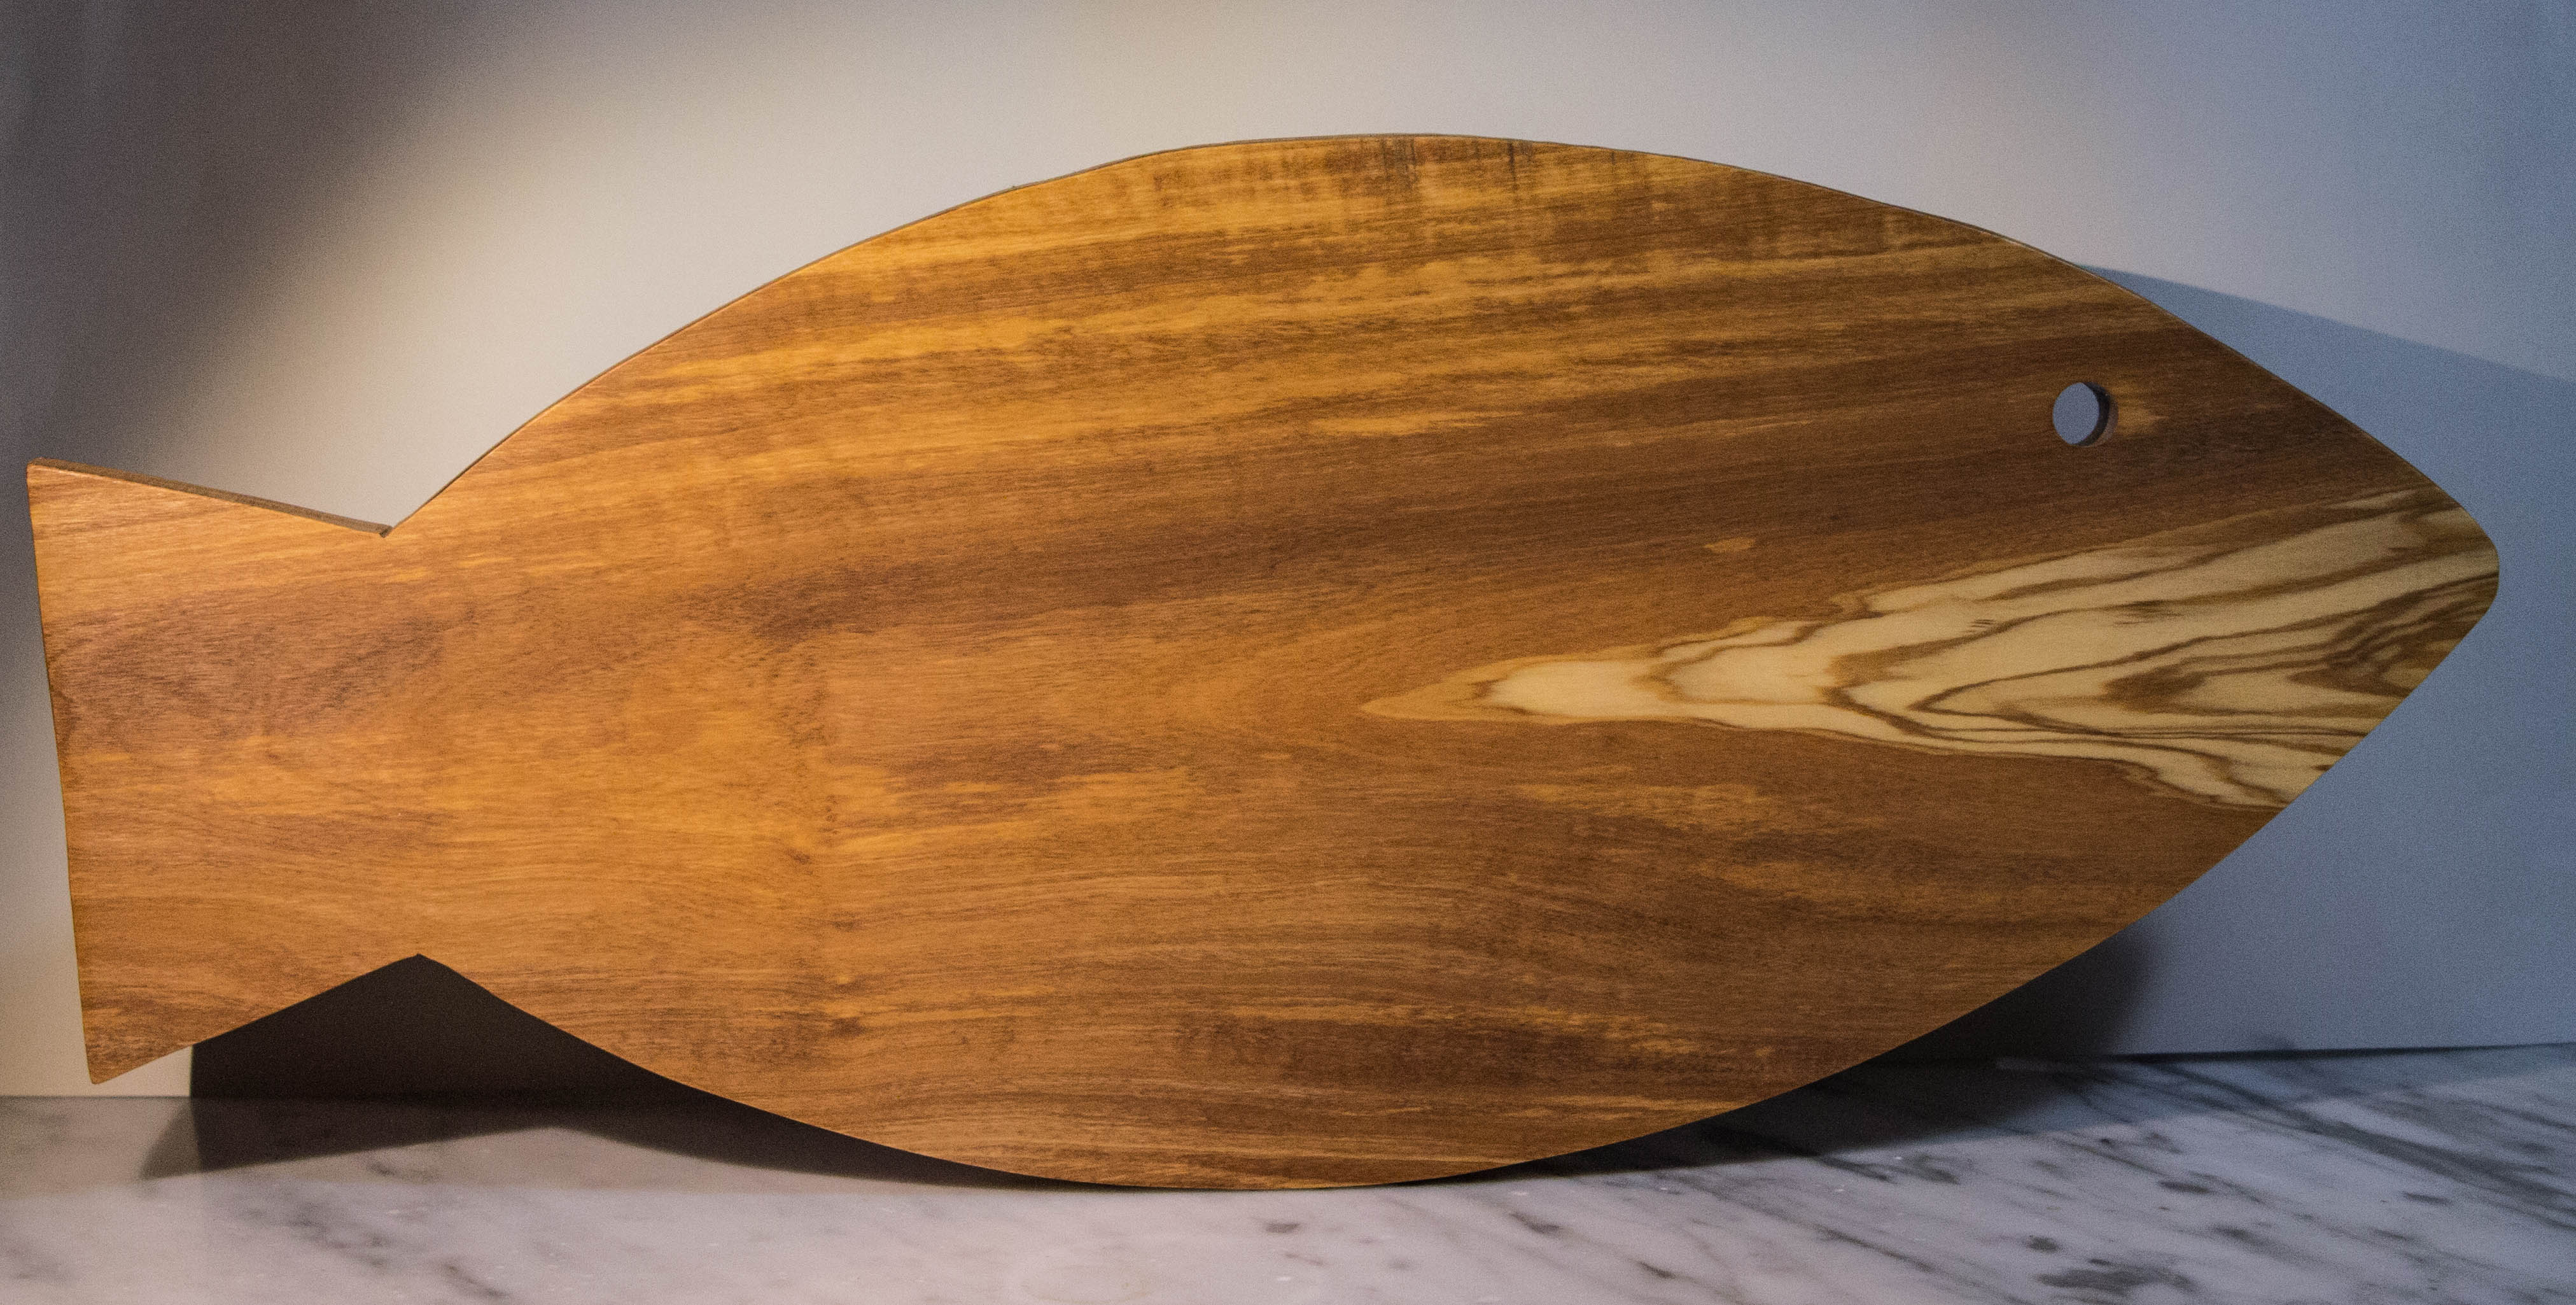 Parquet In Legno Di Ulivo tagliere a forma di pesce, dimensioni grandi realizzato in legno di olivo.